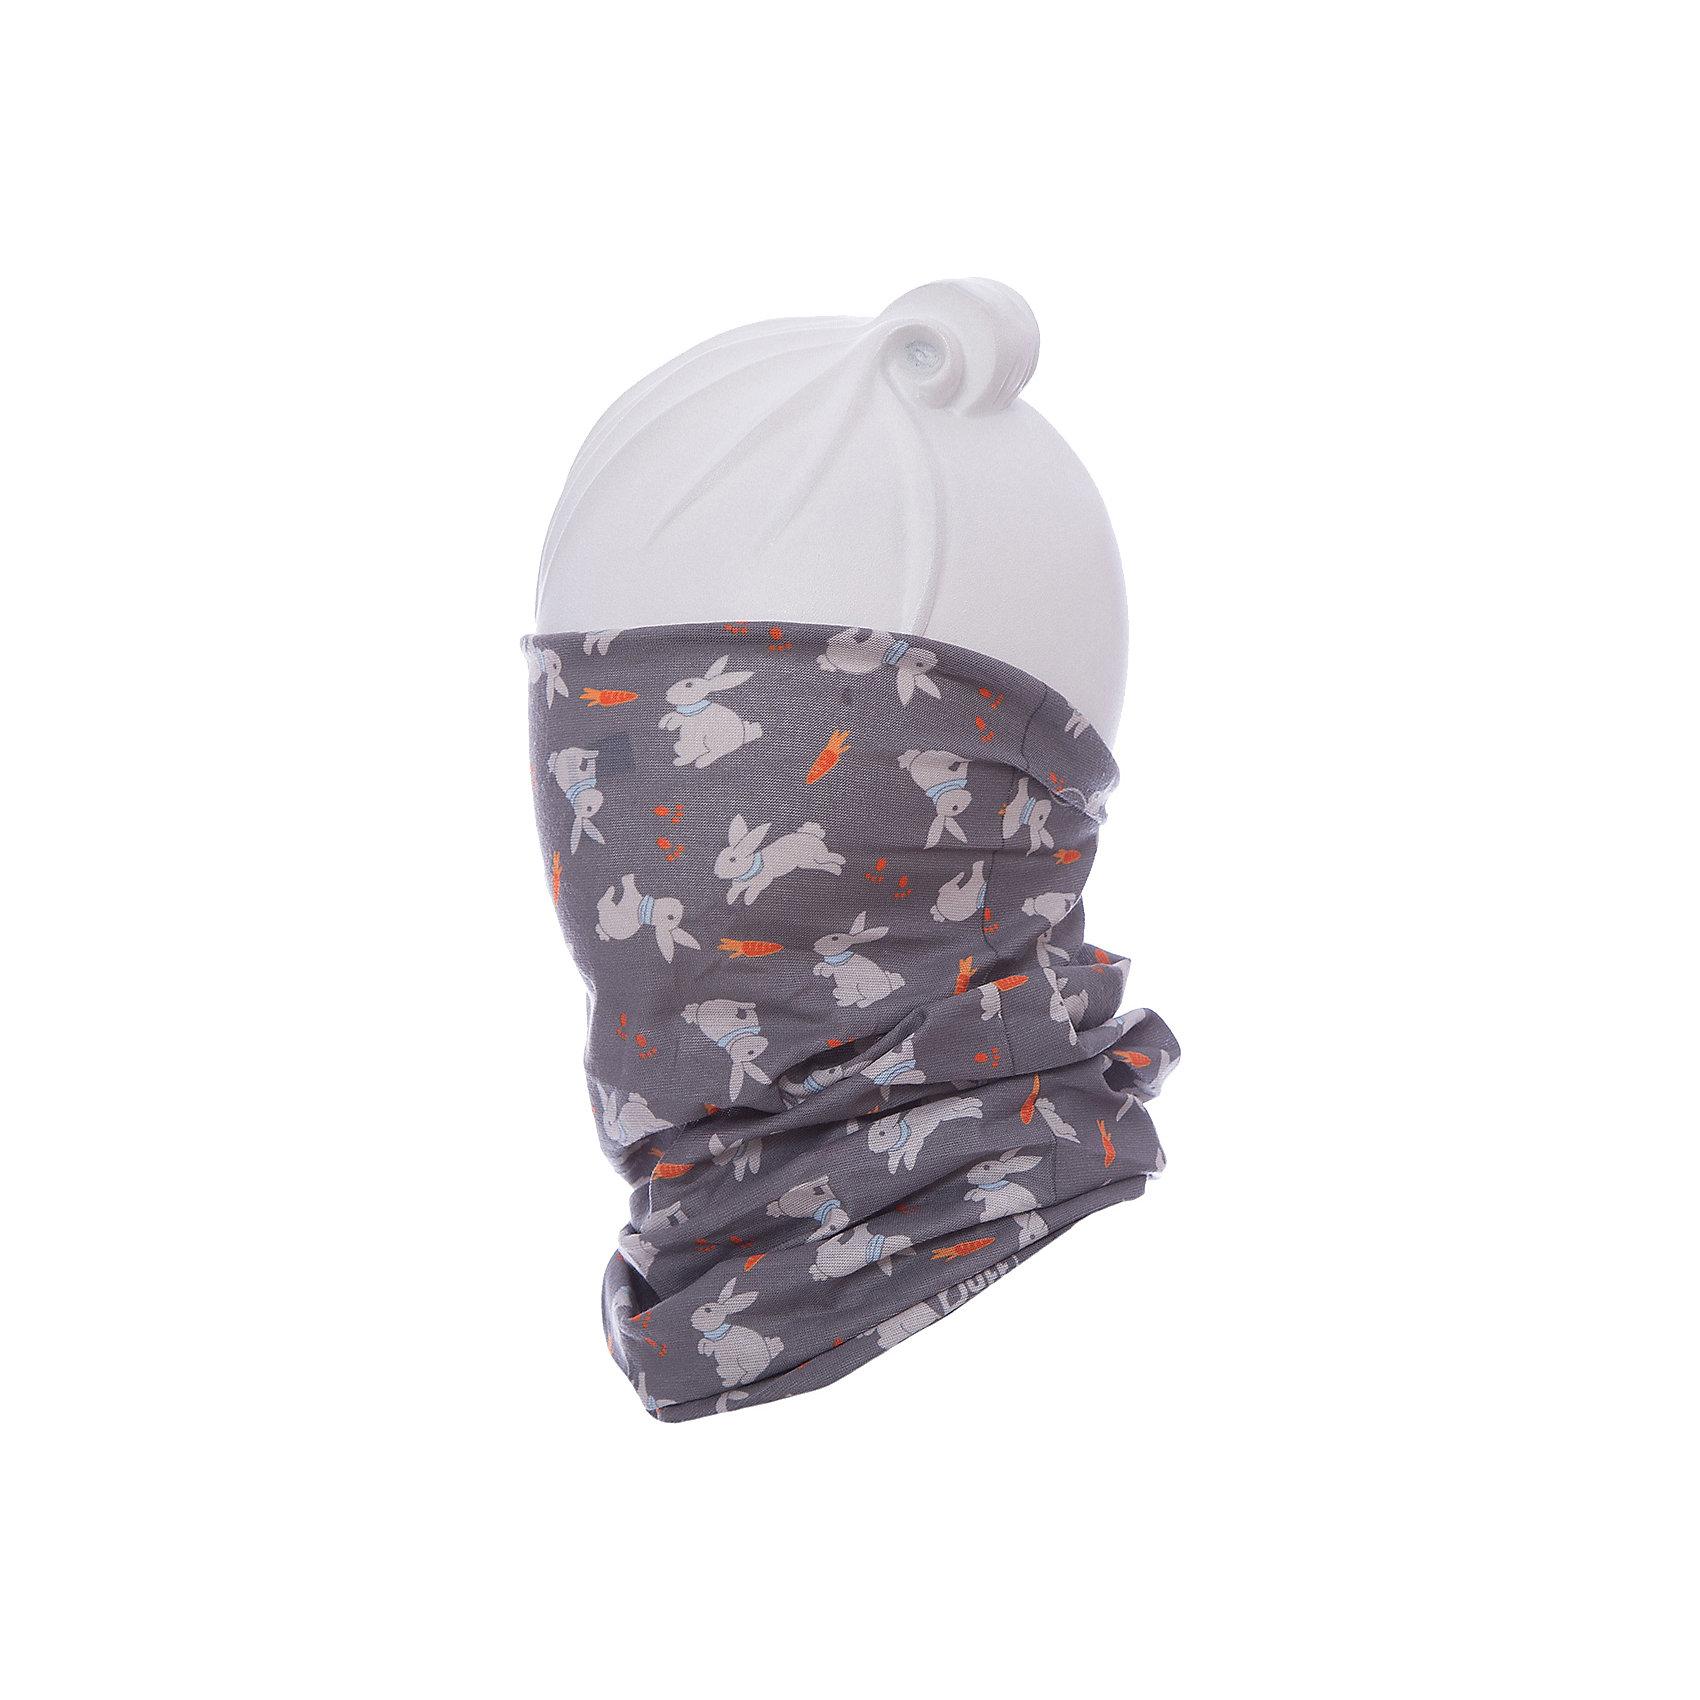 Бандана BUFFГоловные уборы<br>Бандана BUFF <br>Бесшовная бандана-труба из специальной серии Original BUFF. Original BUFF - самый популярный универсальный головной убор из всех серий. <br><br>Сделан из микрофибры - защищает от ветра, пыли, влаги и ультрафиолета. Контролирует микроклимат в холодную и теплую погоду, отводит влагу. Ткань обработана ионами серебра, обеспечивающими длительный антибактериальный эффект и предотвращающими появление запаха. Допускается машинная и ручная стирка при 30-40градусах. Материал не теряет цвет и эластичность, не требует глажки. <br><br>Original BUFF можно носить на шее и на голове, как шейный платок, маску, бандану, шапку и подшлемник. <br><br>Свойства материала позволяют использовать бандану Original BUFF в любое время года, при занятиях любым видом спорта, активного отдыха, туризма или рыбалки.<br>Состав:<br>Полиэстер 100%<br><br>Ширина мм: 89<br>Глубина мм: 117<br>Высота мм: 44<br>Вес г: 155<br>Цвет: серый<br>Возраст от месяцев: 84<br>Возраст до месяцев: 1188<br>Пол: Унисекс<br>Возраст: Детский<br>Размер: one size<br>SKU: 5568611